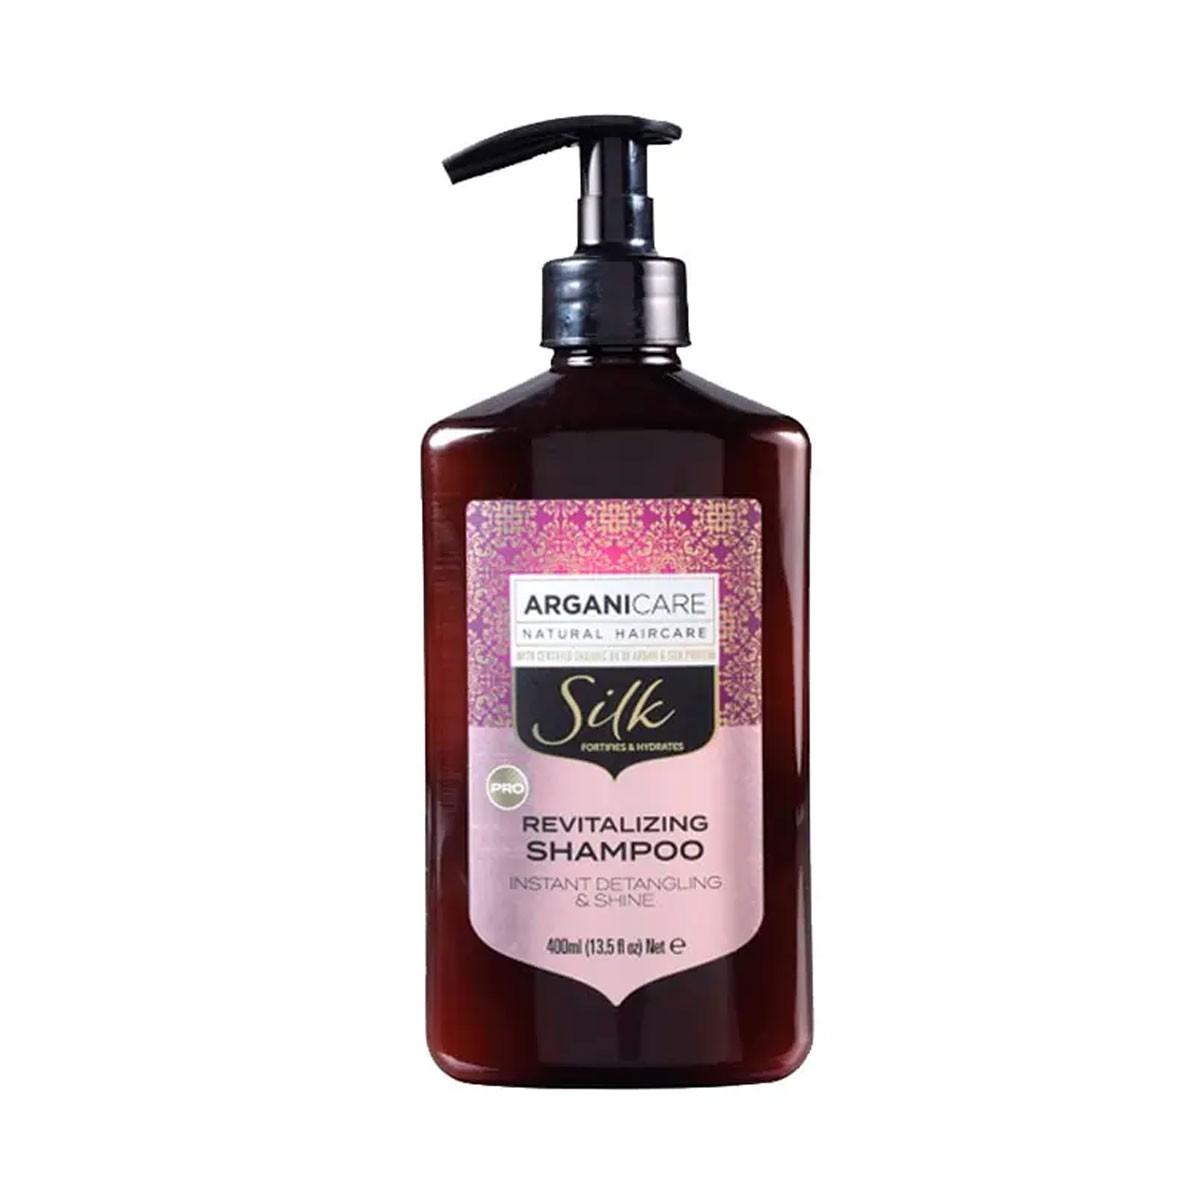 ARGANICARE Silk Instant Detangling & Shine Revitalizing Shampoo 400ml - Szampon wzmacniający i nawilżający